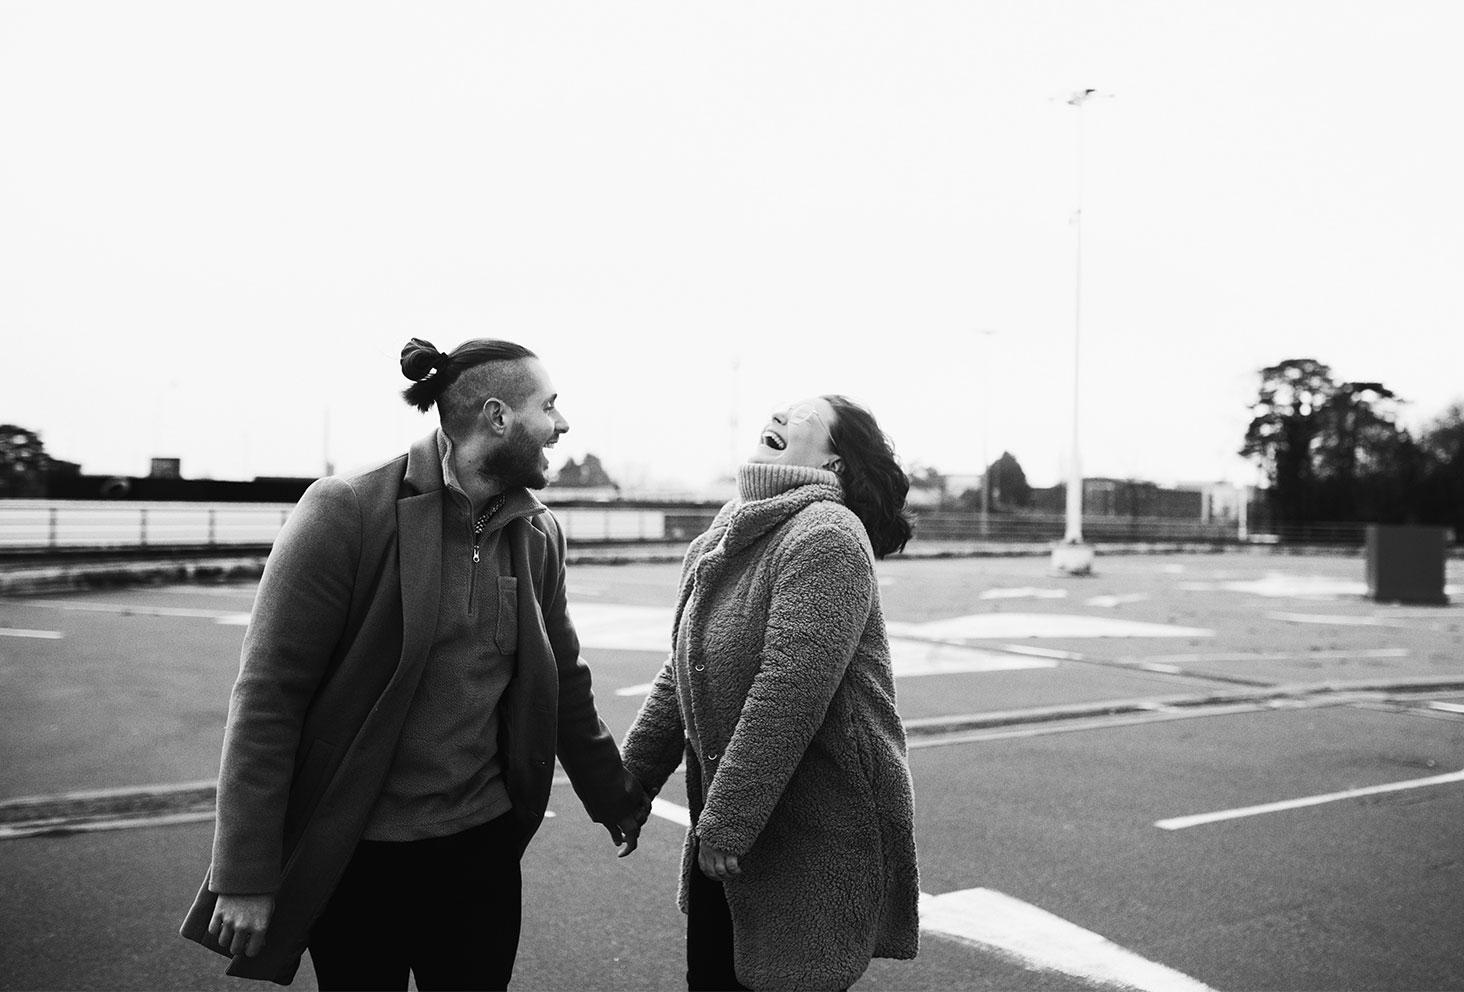 En amoureux main dans la main, en riant aux éclats, au milieu d'un parking en noir et blanc